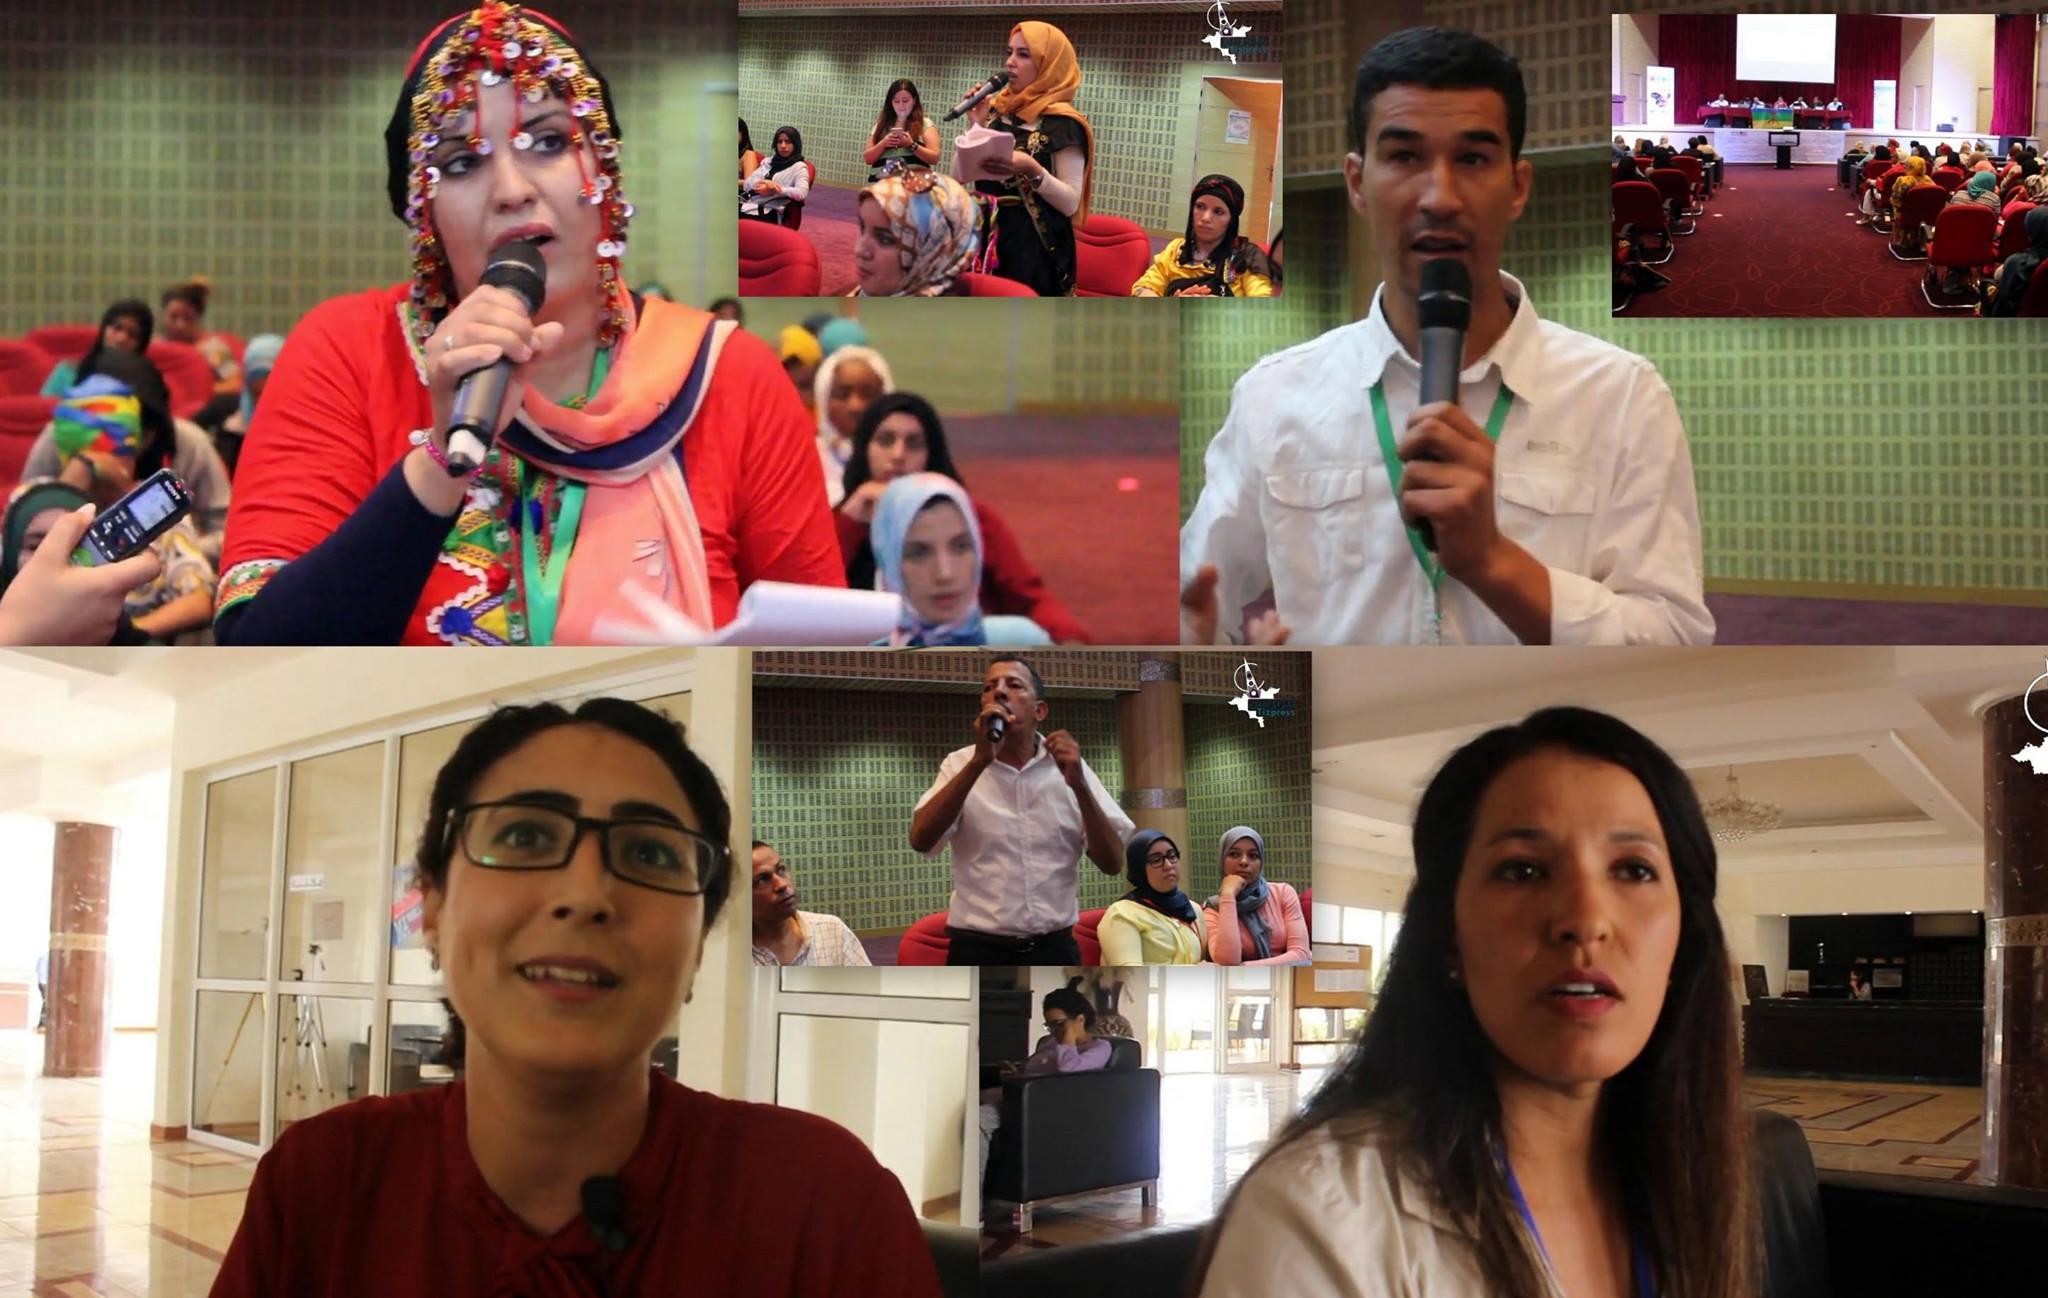 بالفيديو :تصريحات ومداخلات لبعض النساء الأمازيغيات المشاركات في الجامعة الصيفية الأولى بأكادير